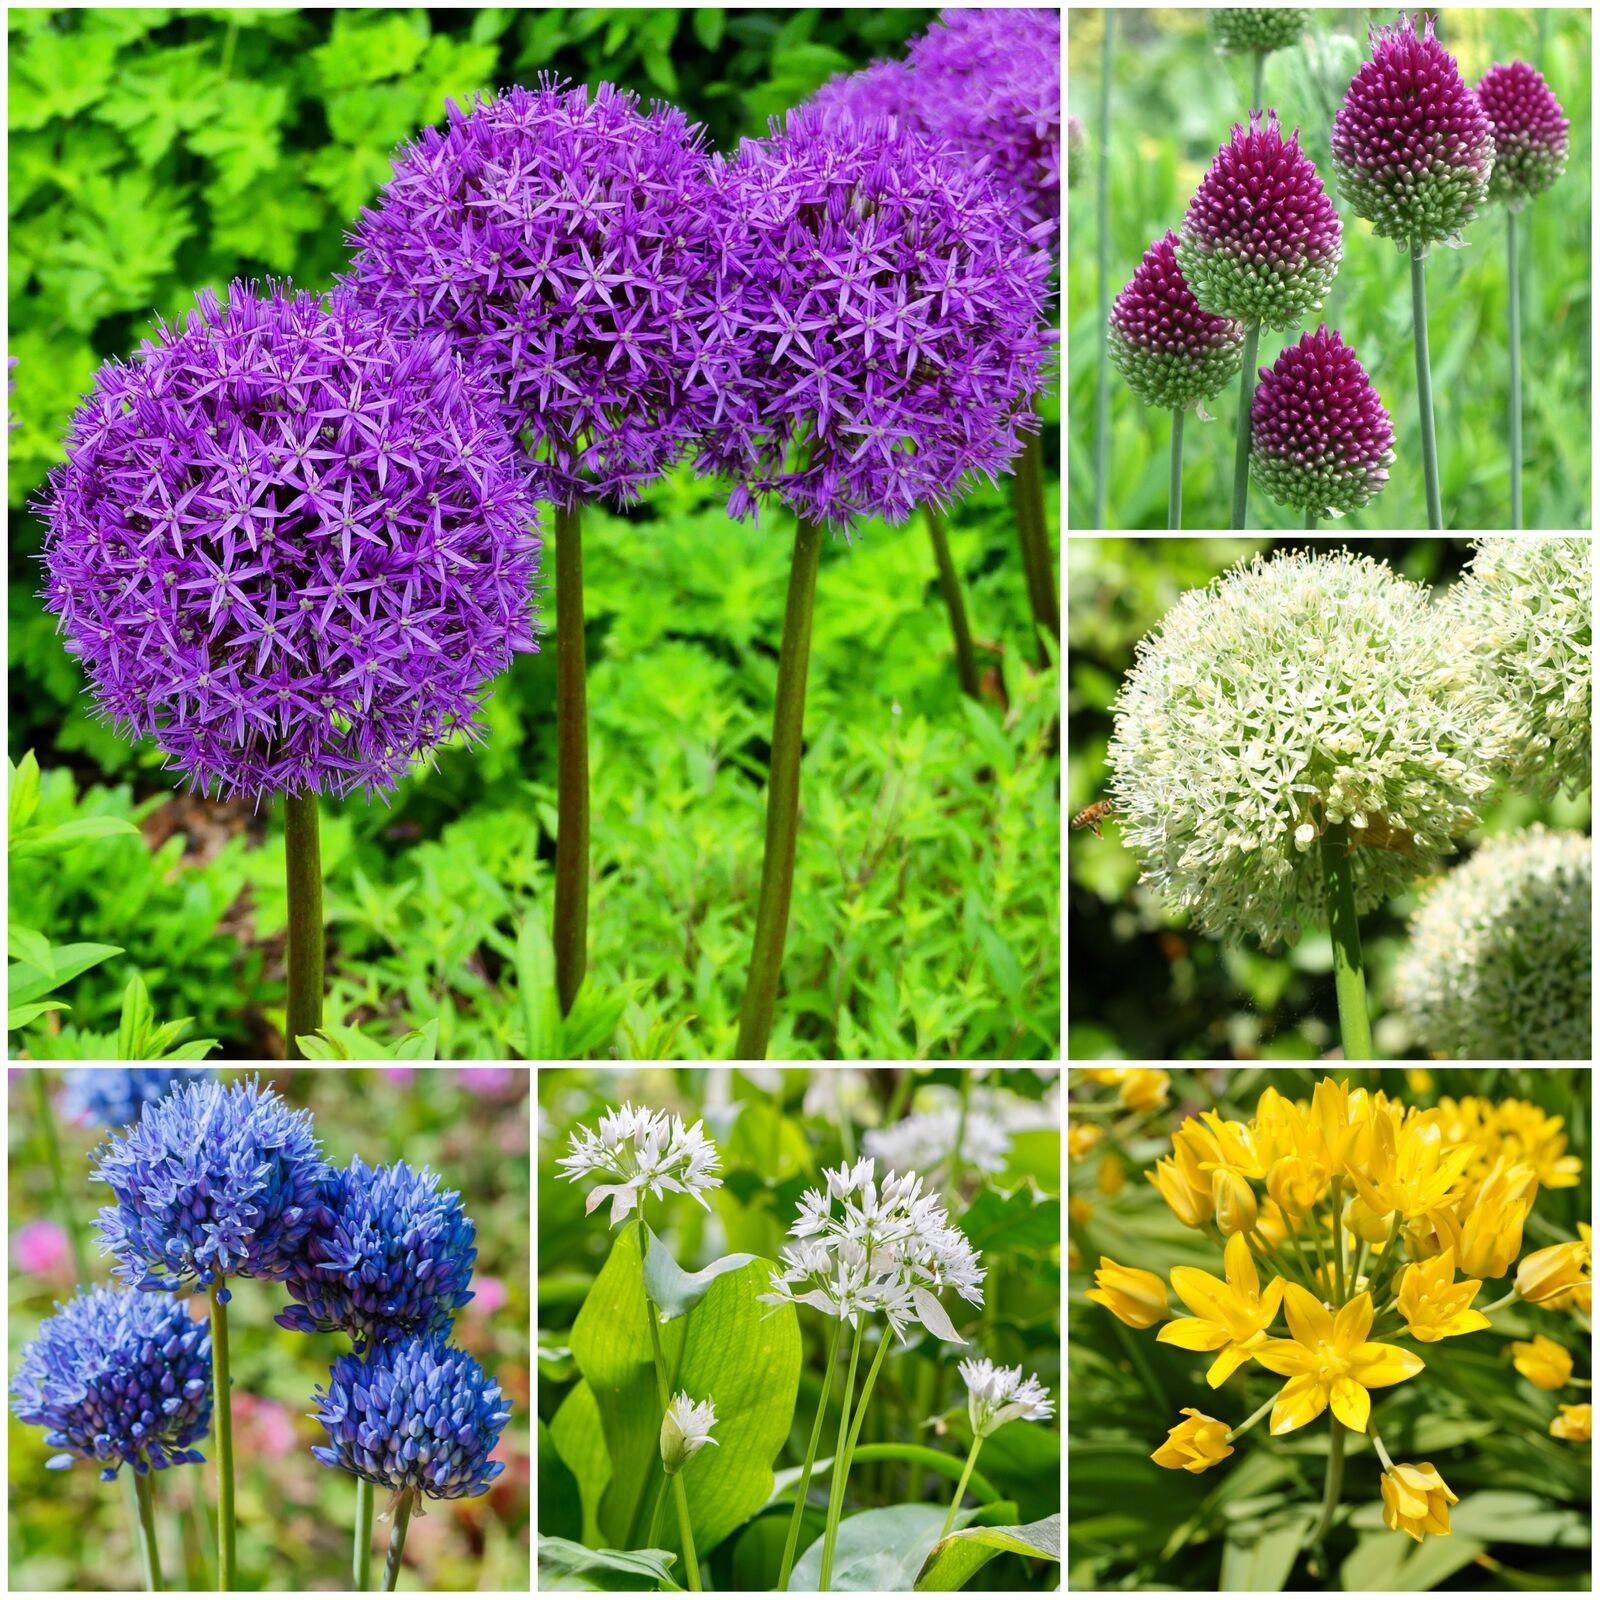 Spring Flowering Alliums Varieties Garden Perennial Bulbs Plants